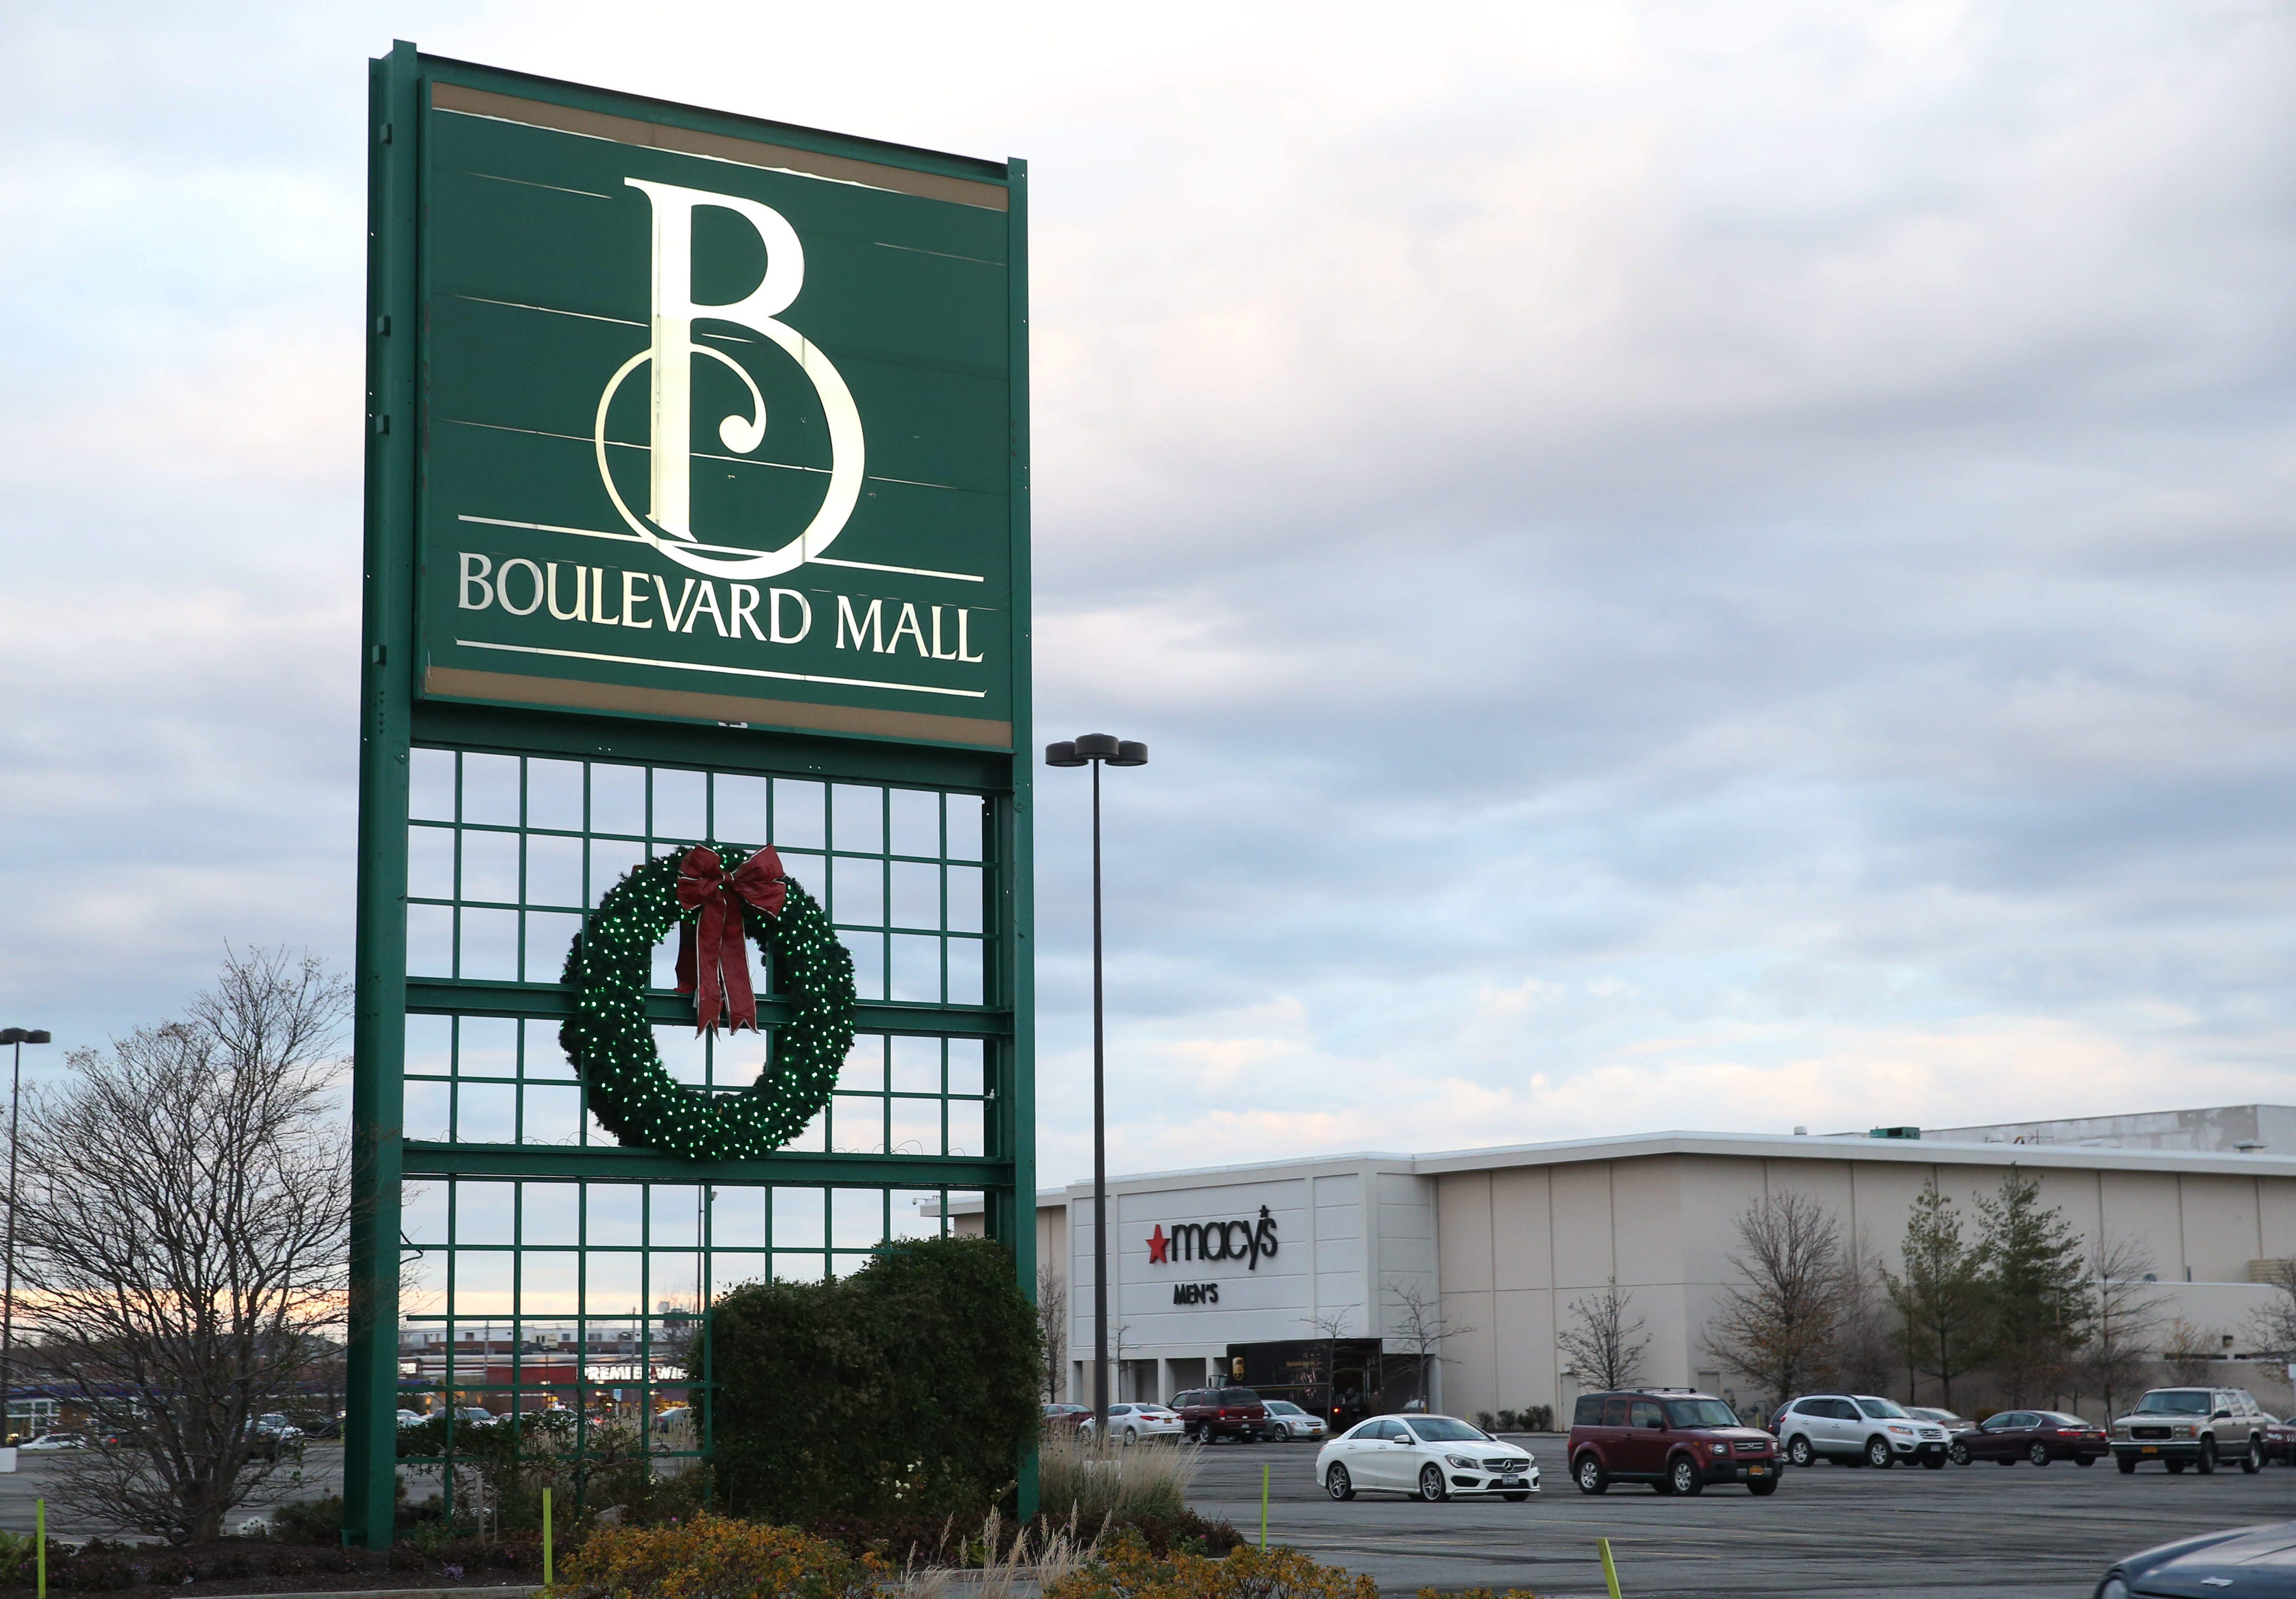 Boulevard Mall sign, Thursday, Nov. 19, 2015.  (Sharon Cantillon/Buffalo News)